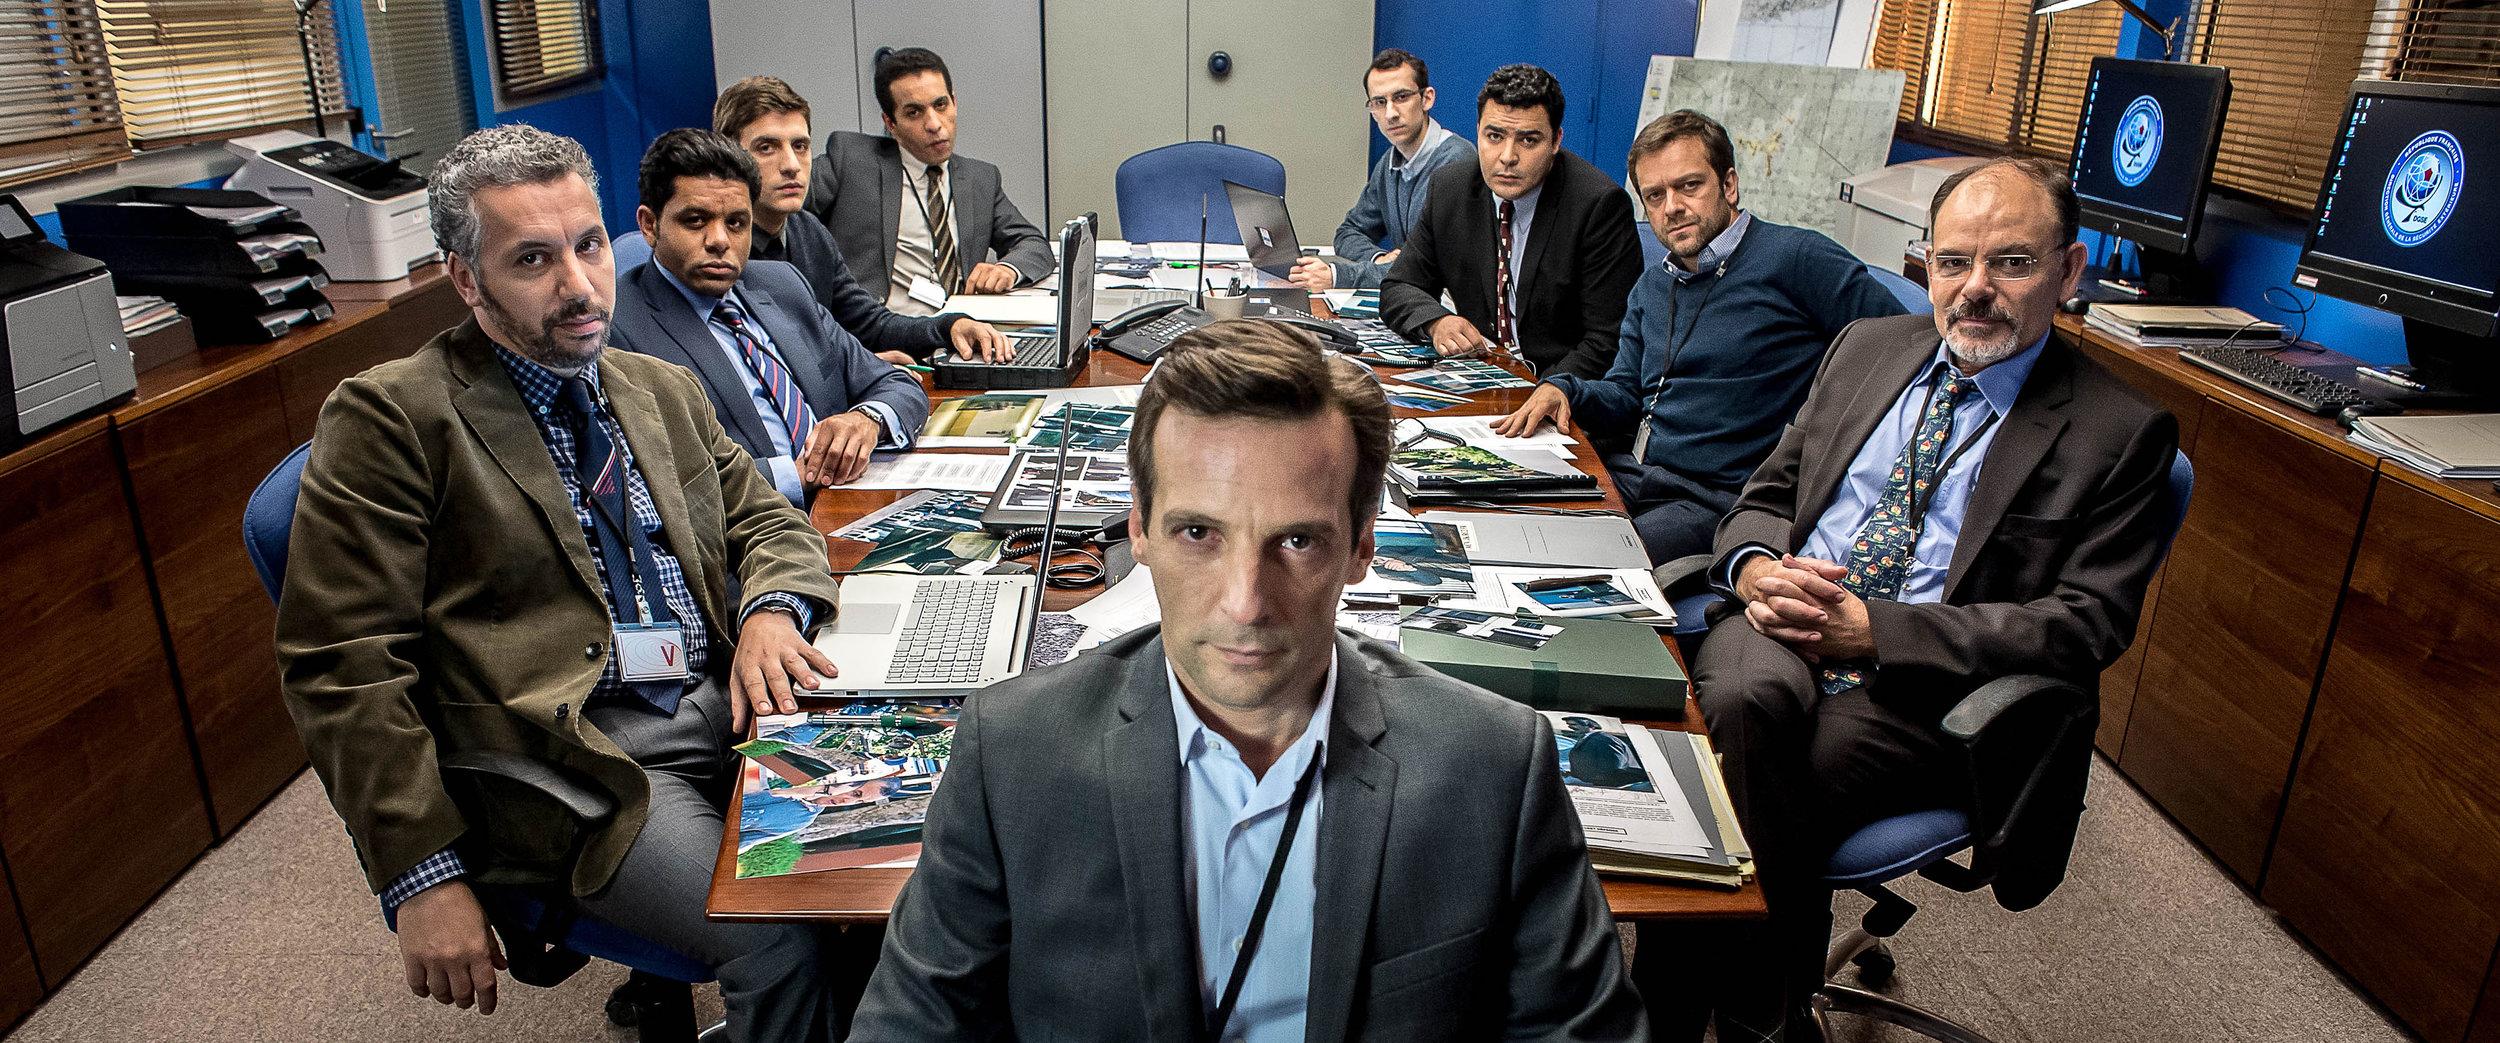 Le Bureau des légendes,  une série d'Éric Rochant.